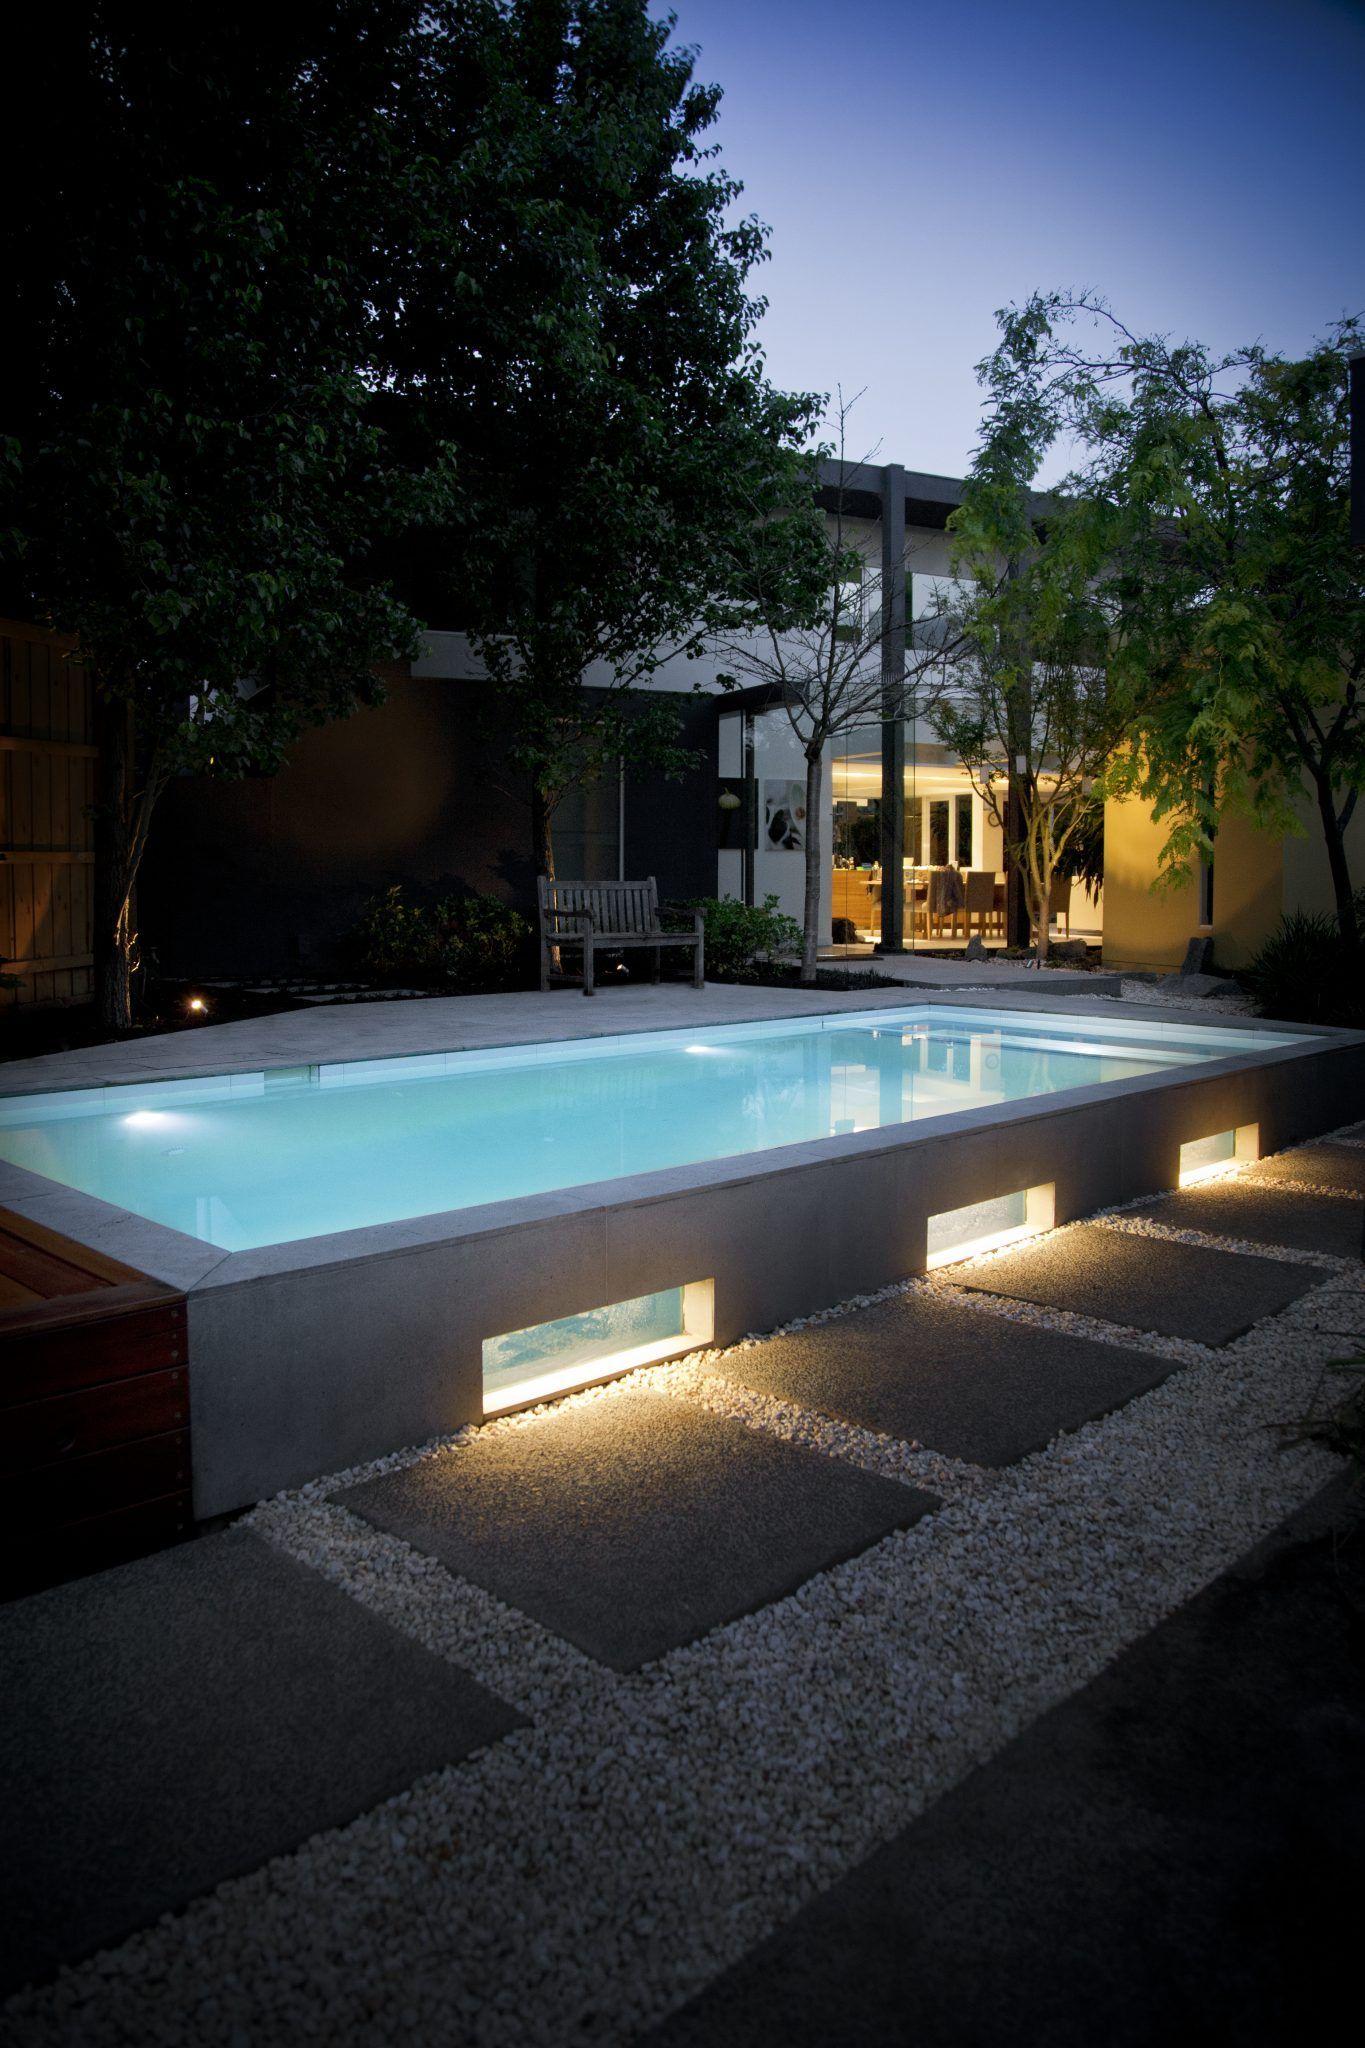 Completed Haus Aussen Haus Ideen Architektur